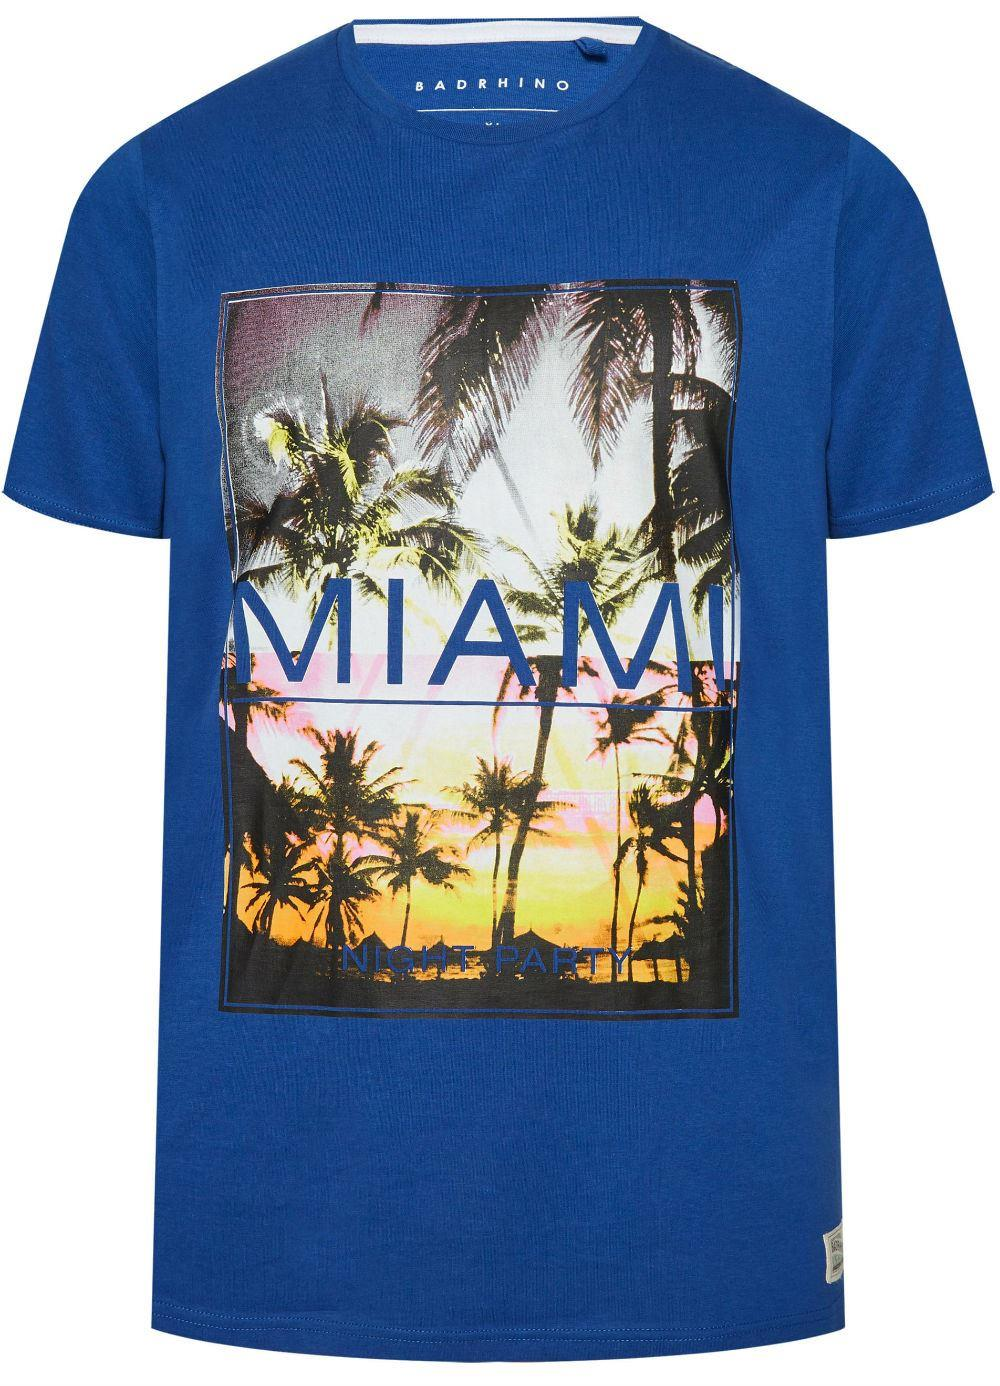 Bad Rhino Miami Print T-Shirt - Blue|5-6XL